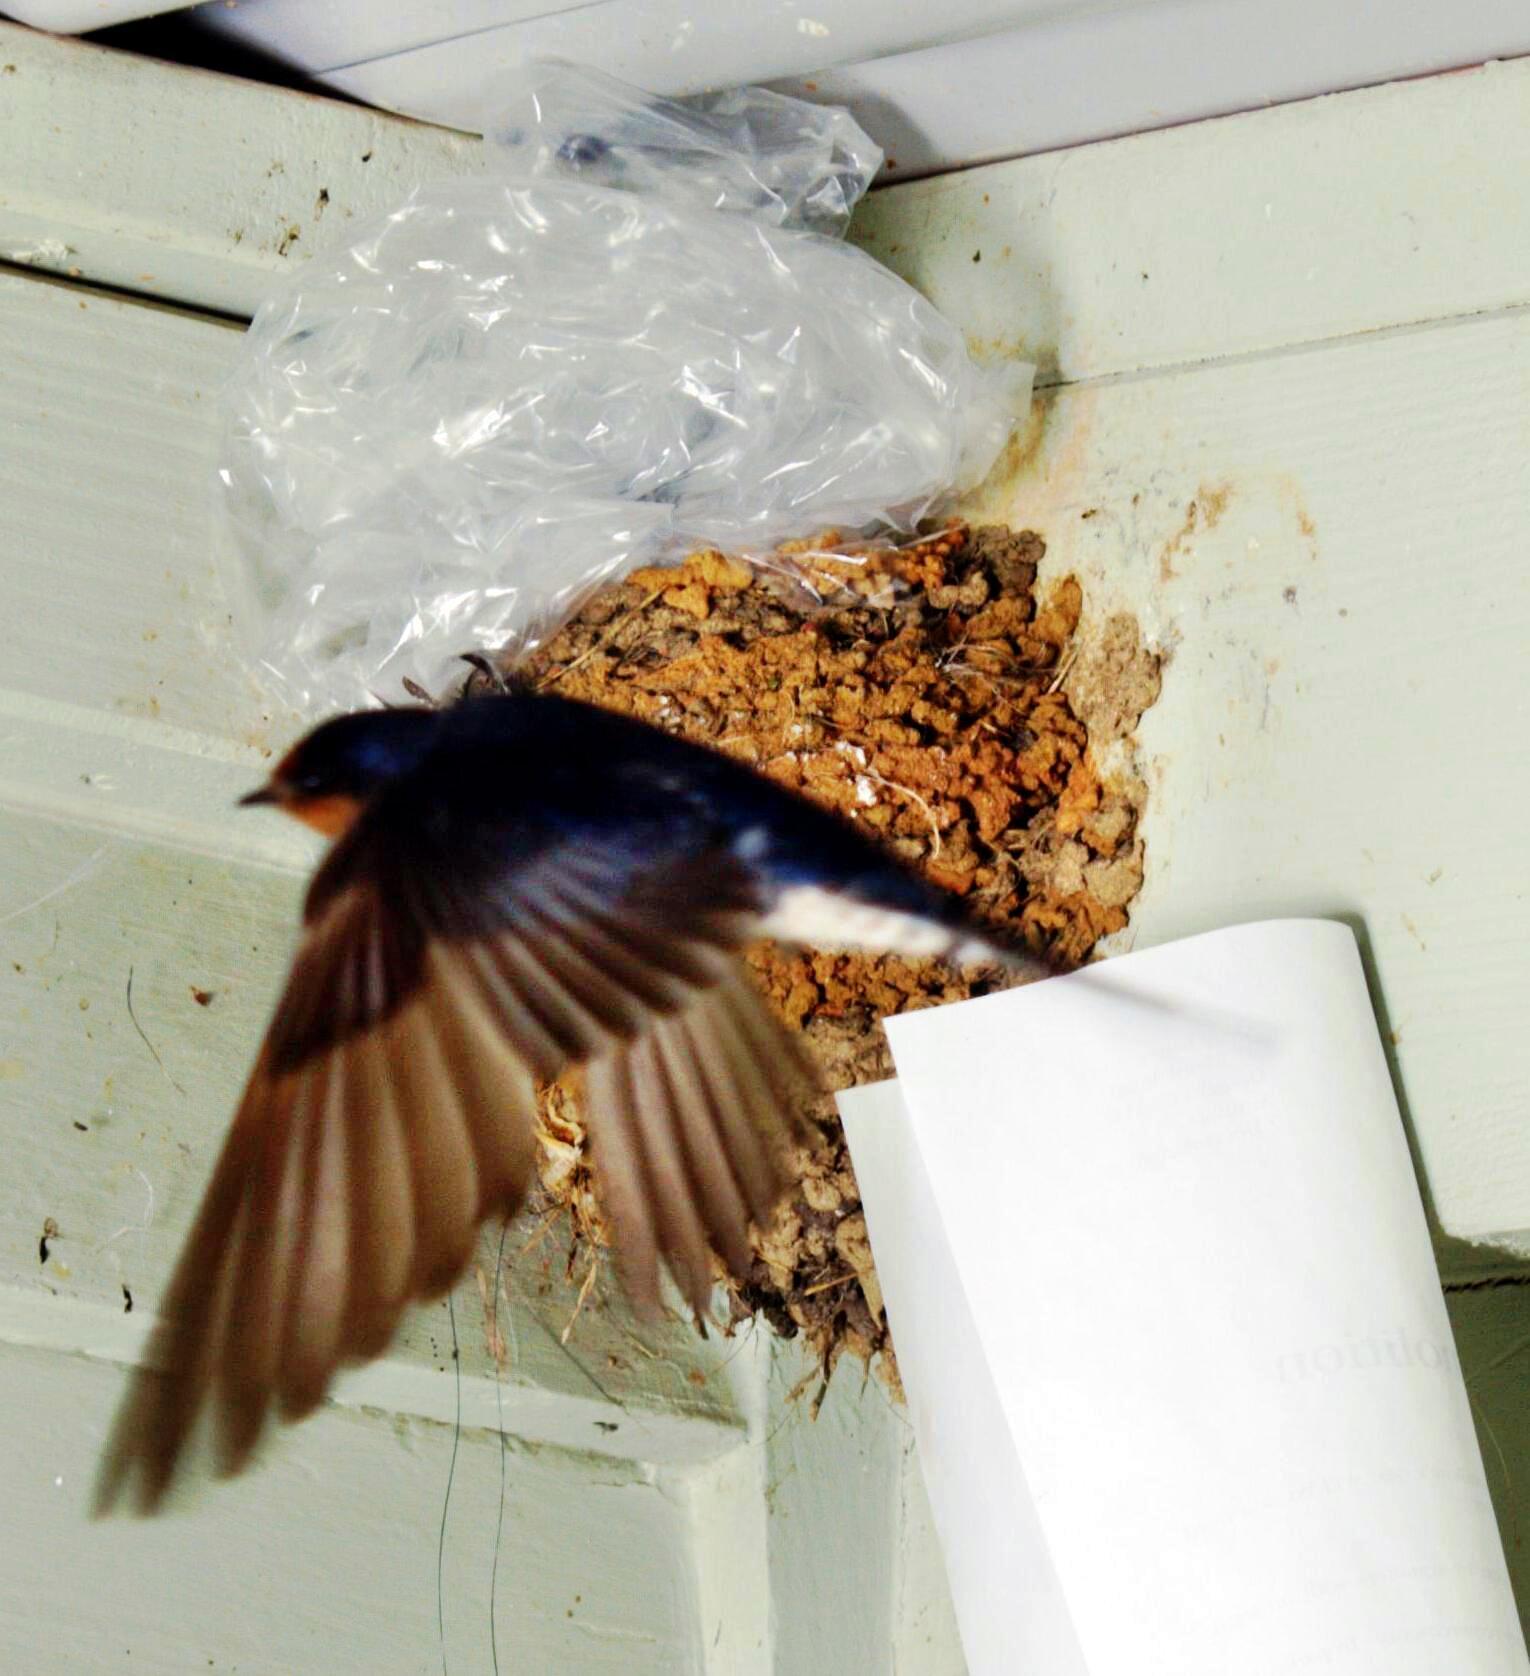 swallows-nest-7-detail.jpeg